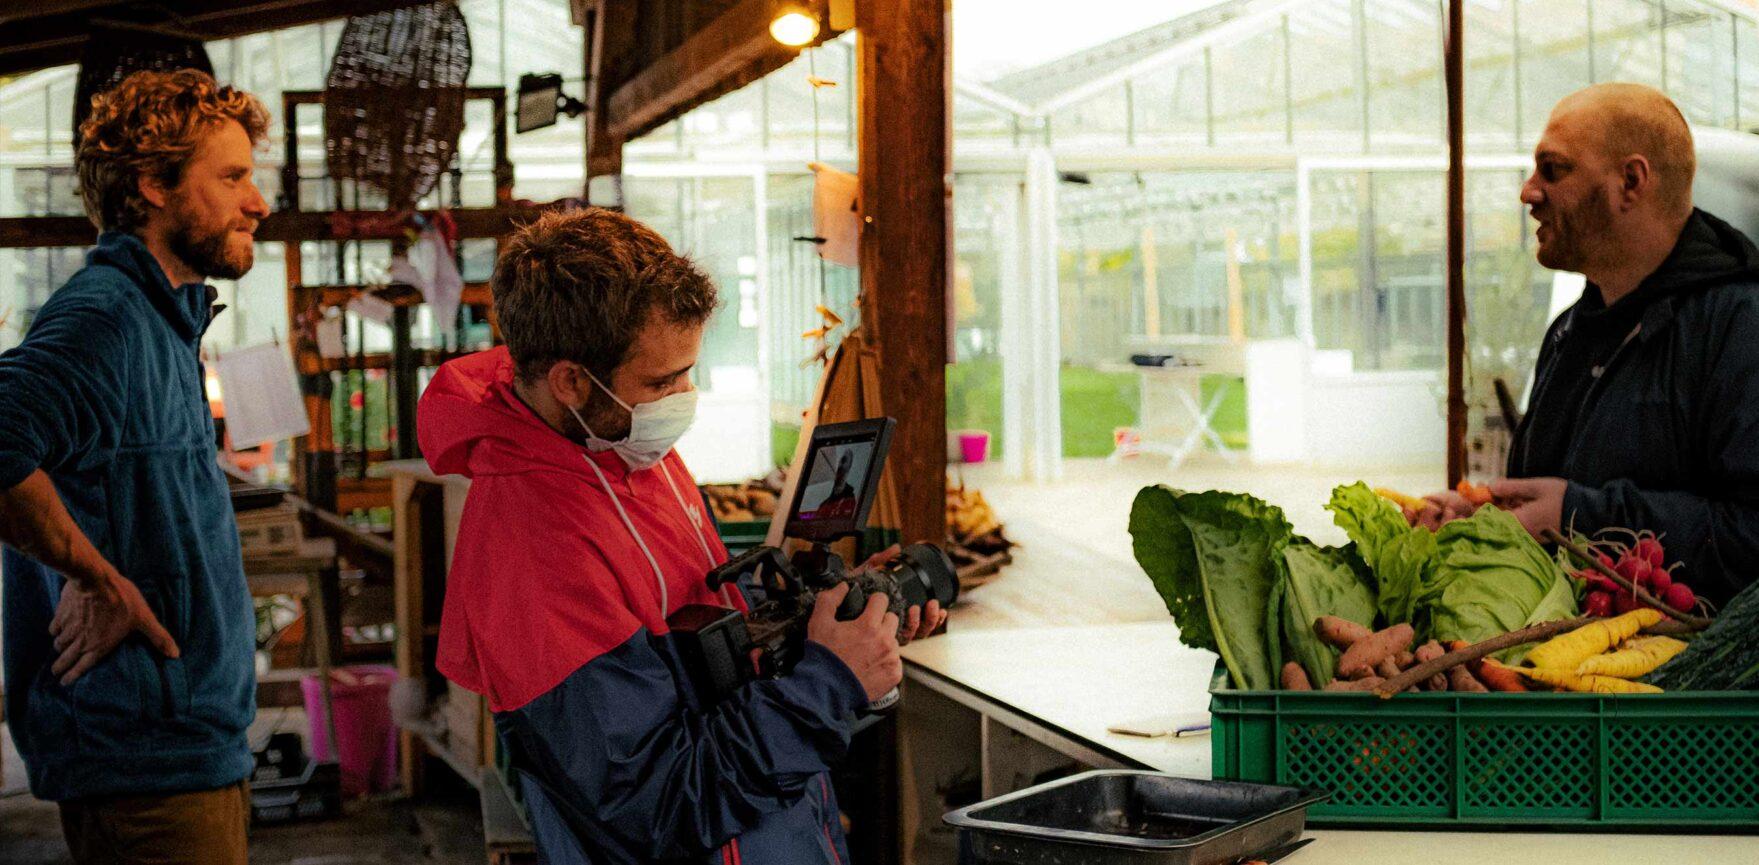 Kameramann auf einer Spoon Fellas Produktion mit Gemüse